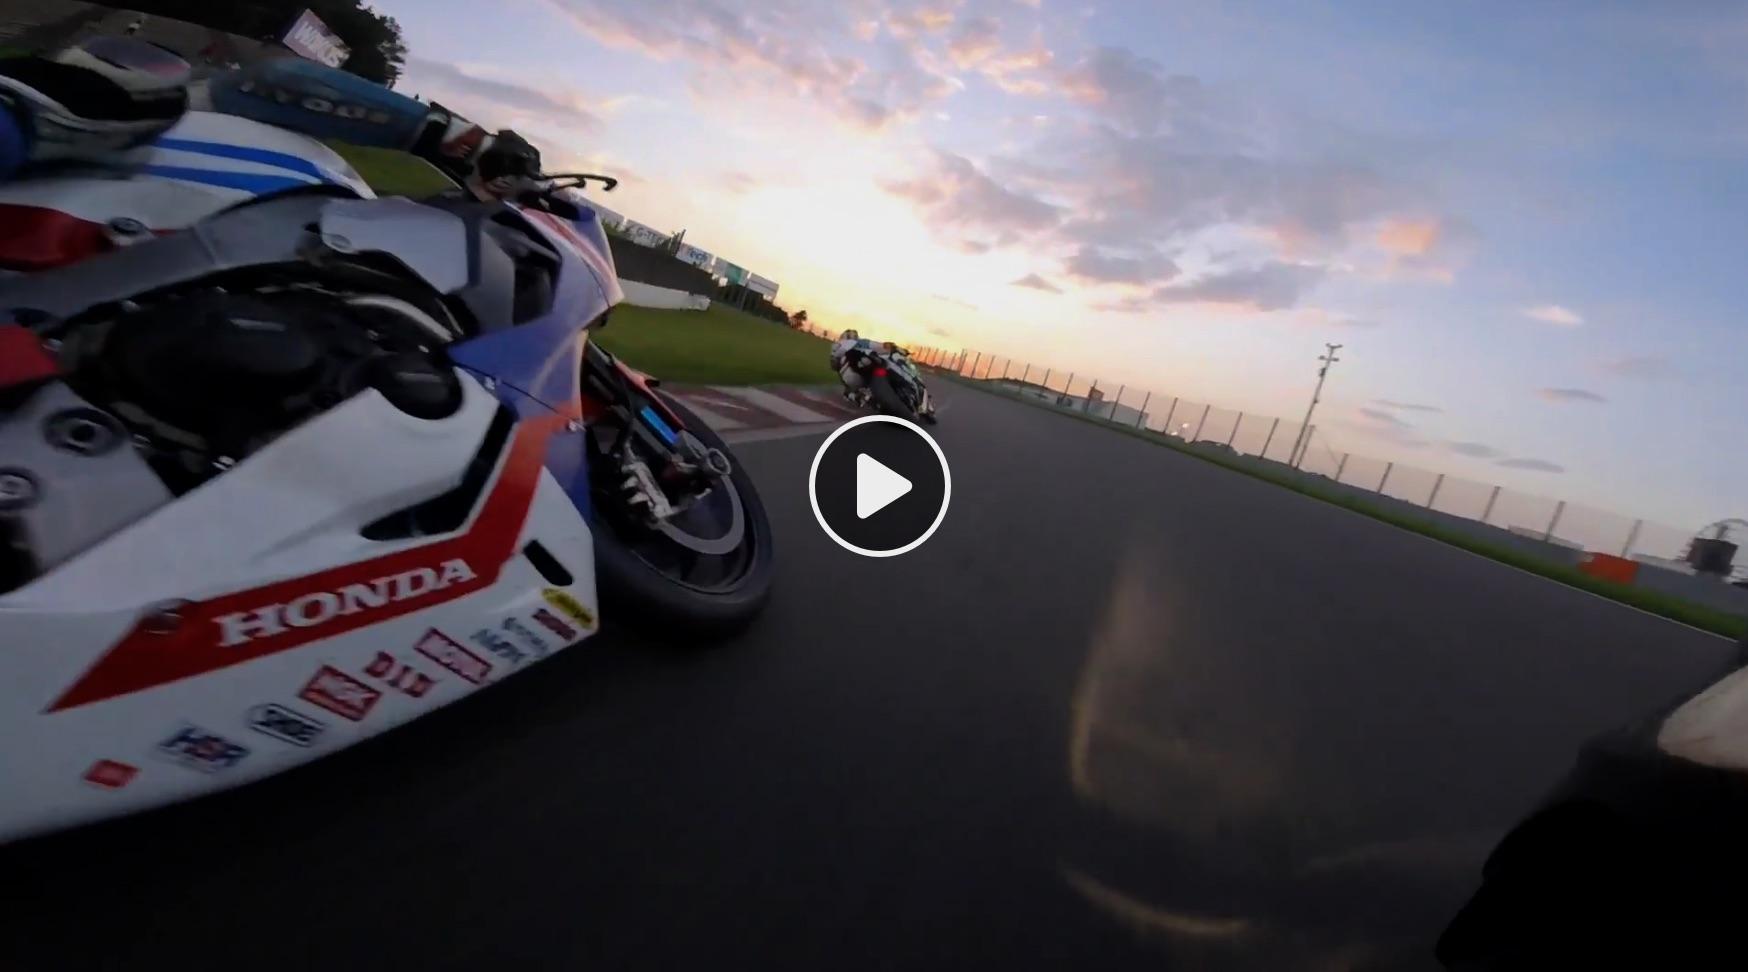 Pura adrenalina en este vídeo con la Yamaha R1 en Suzuka